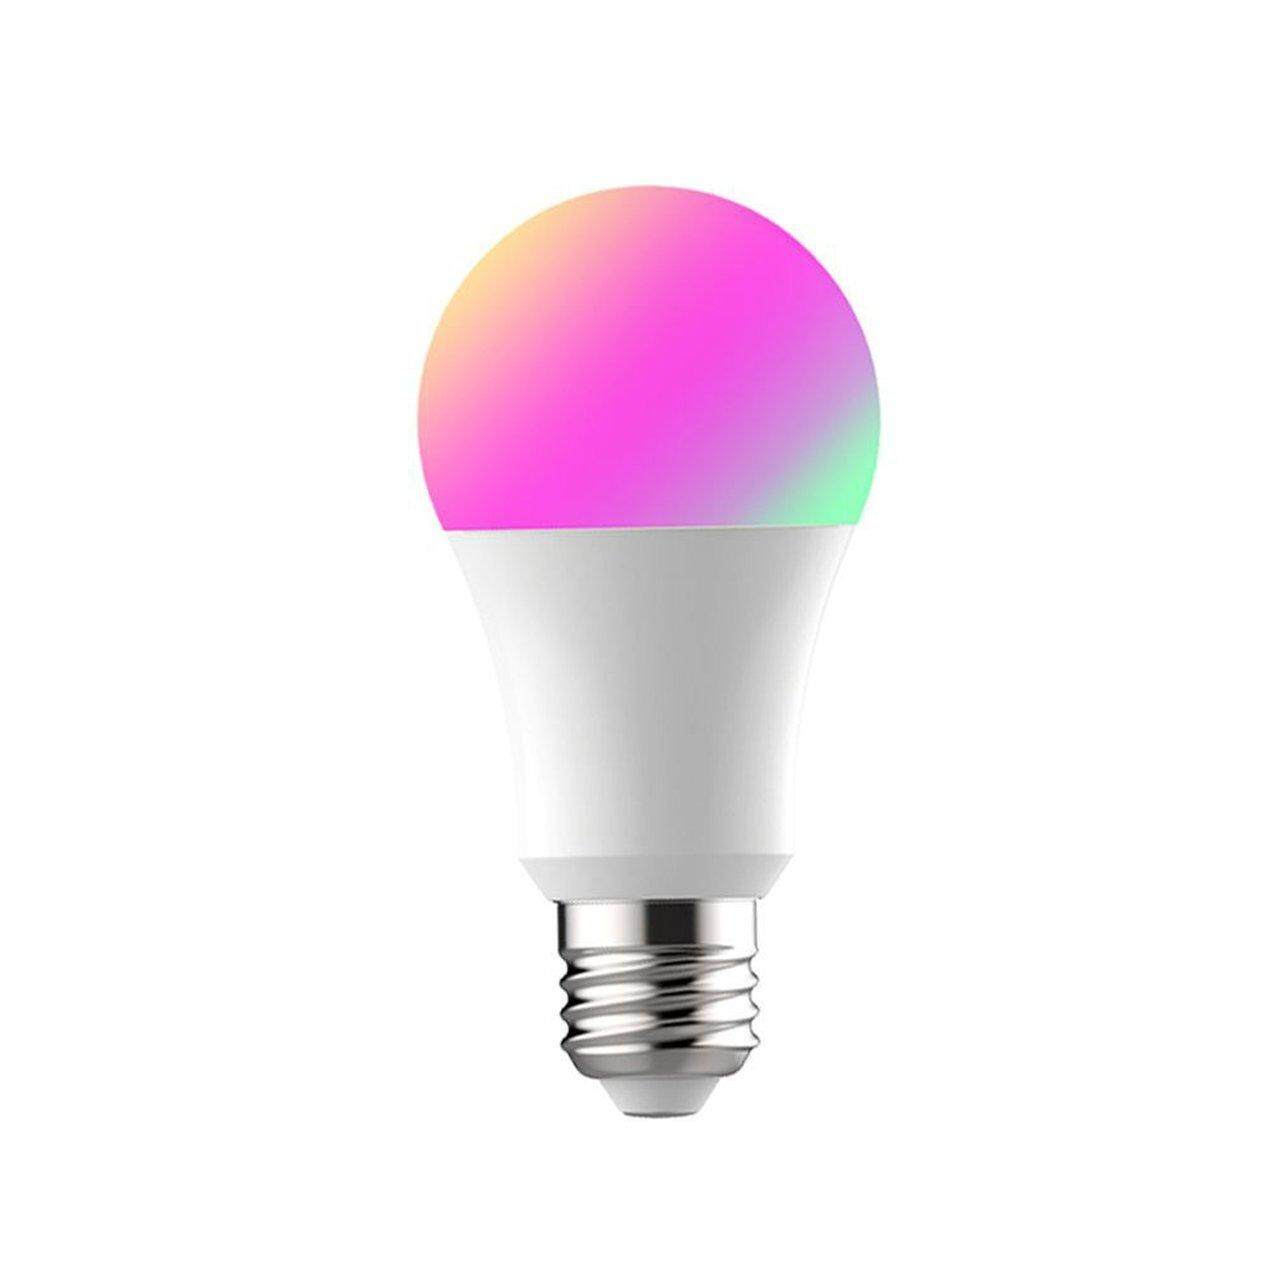 Gila Dijual Perubahan Warna Wifi LED Pintar Bohlam Amazon Kontrol Suara Alexa Bohlam Yang Dapat Diredupkan TB95